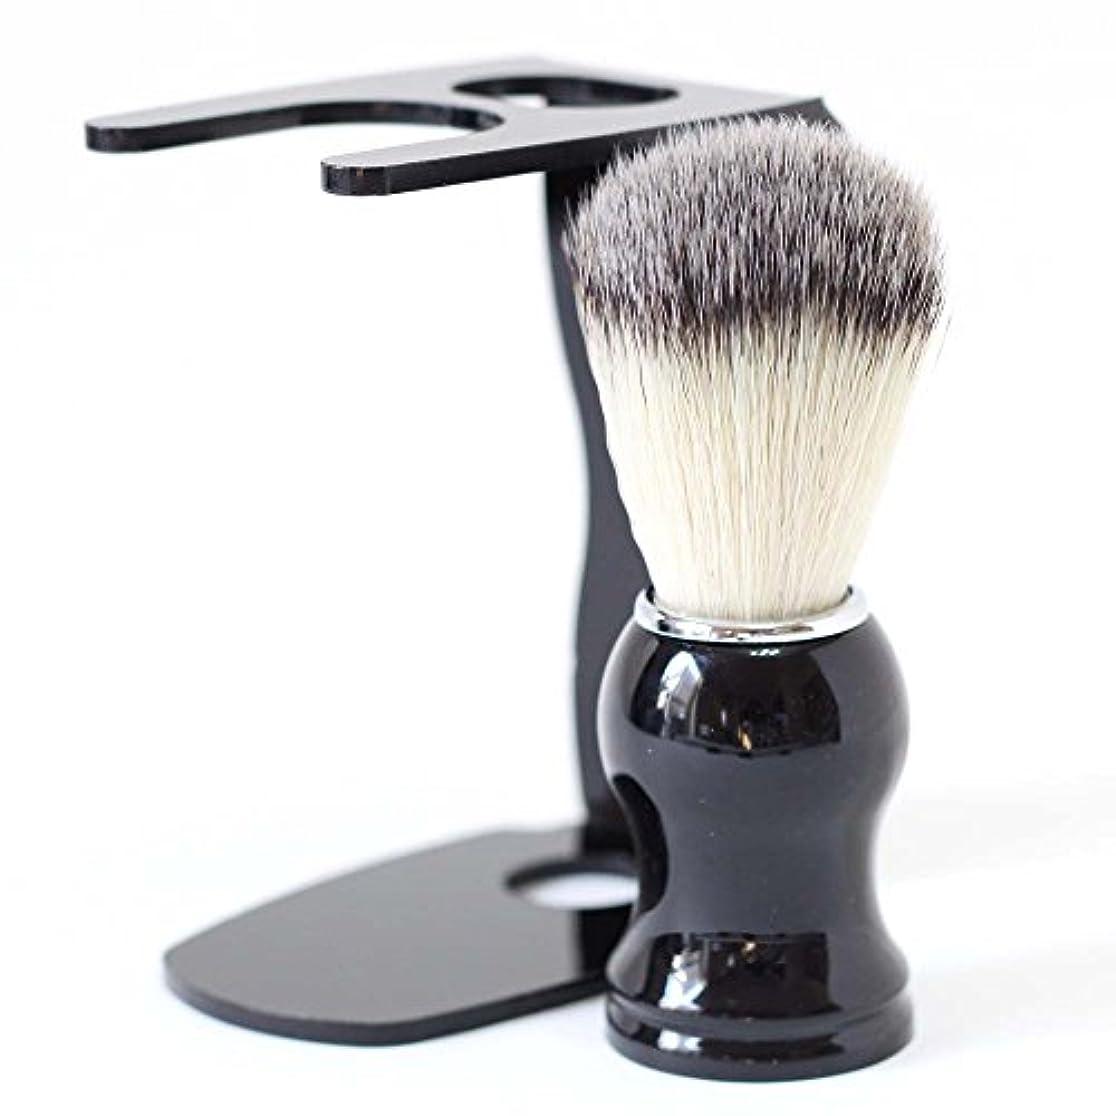 レギュラーかび臭い装置【Barsado】泡立ちが違う 100% アナグマ 毛 シェービング ブラシ スタンド付き/理容 洗顔 髭剃り マッサージ 効果